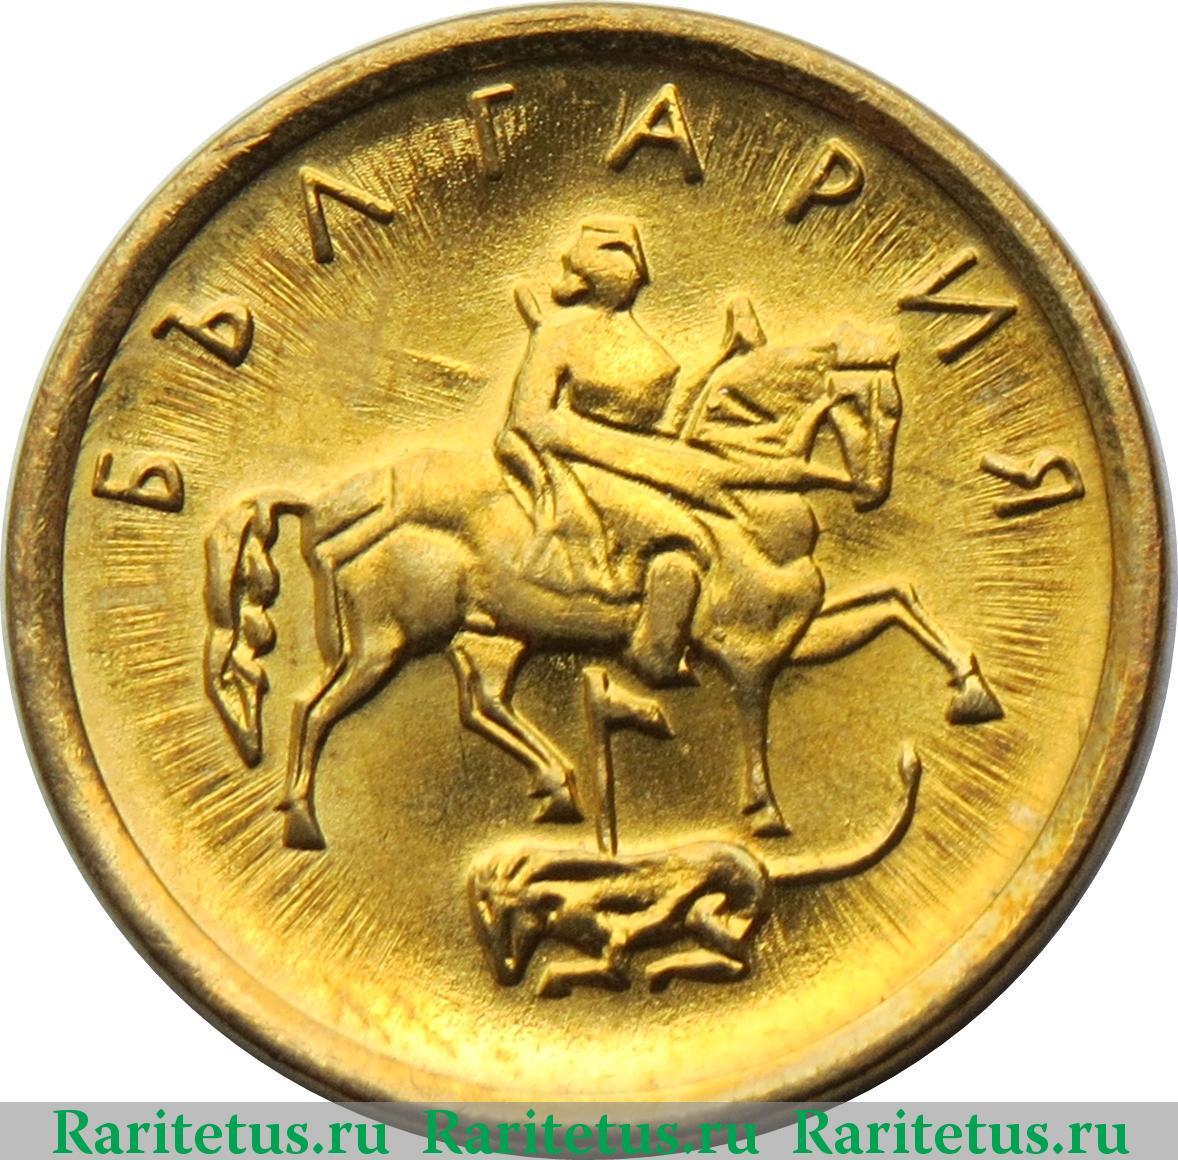 1 стотинка 2000 года цена сколько стоит монета 1990 года 5 копеек